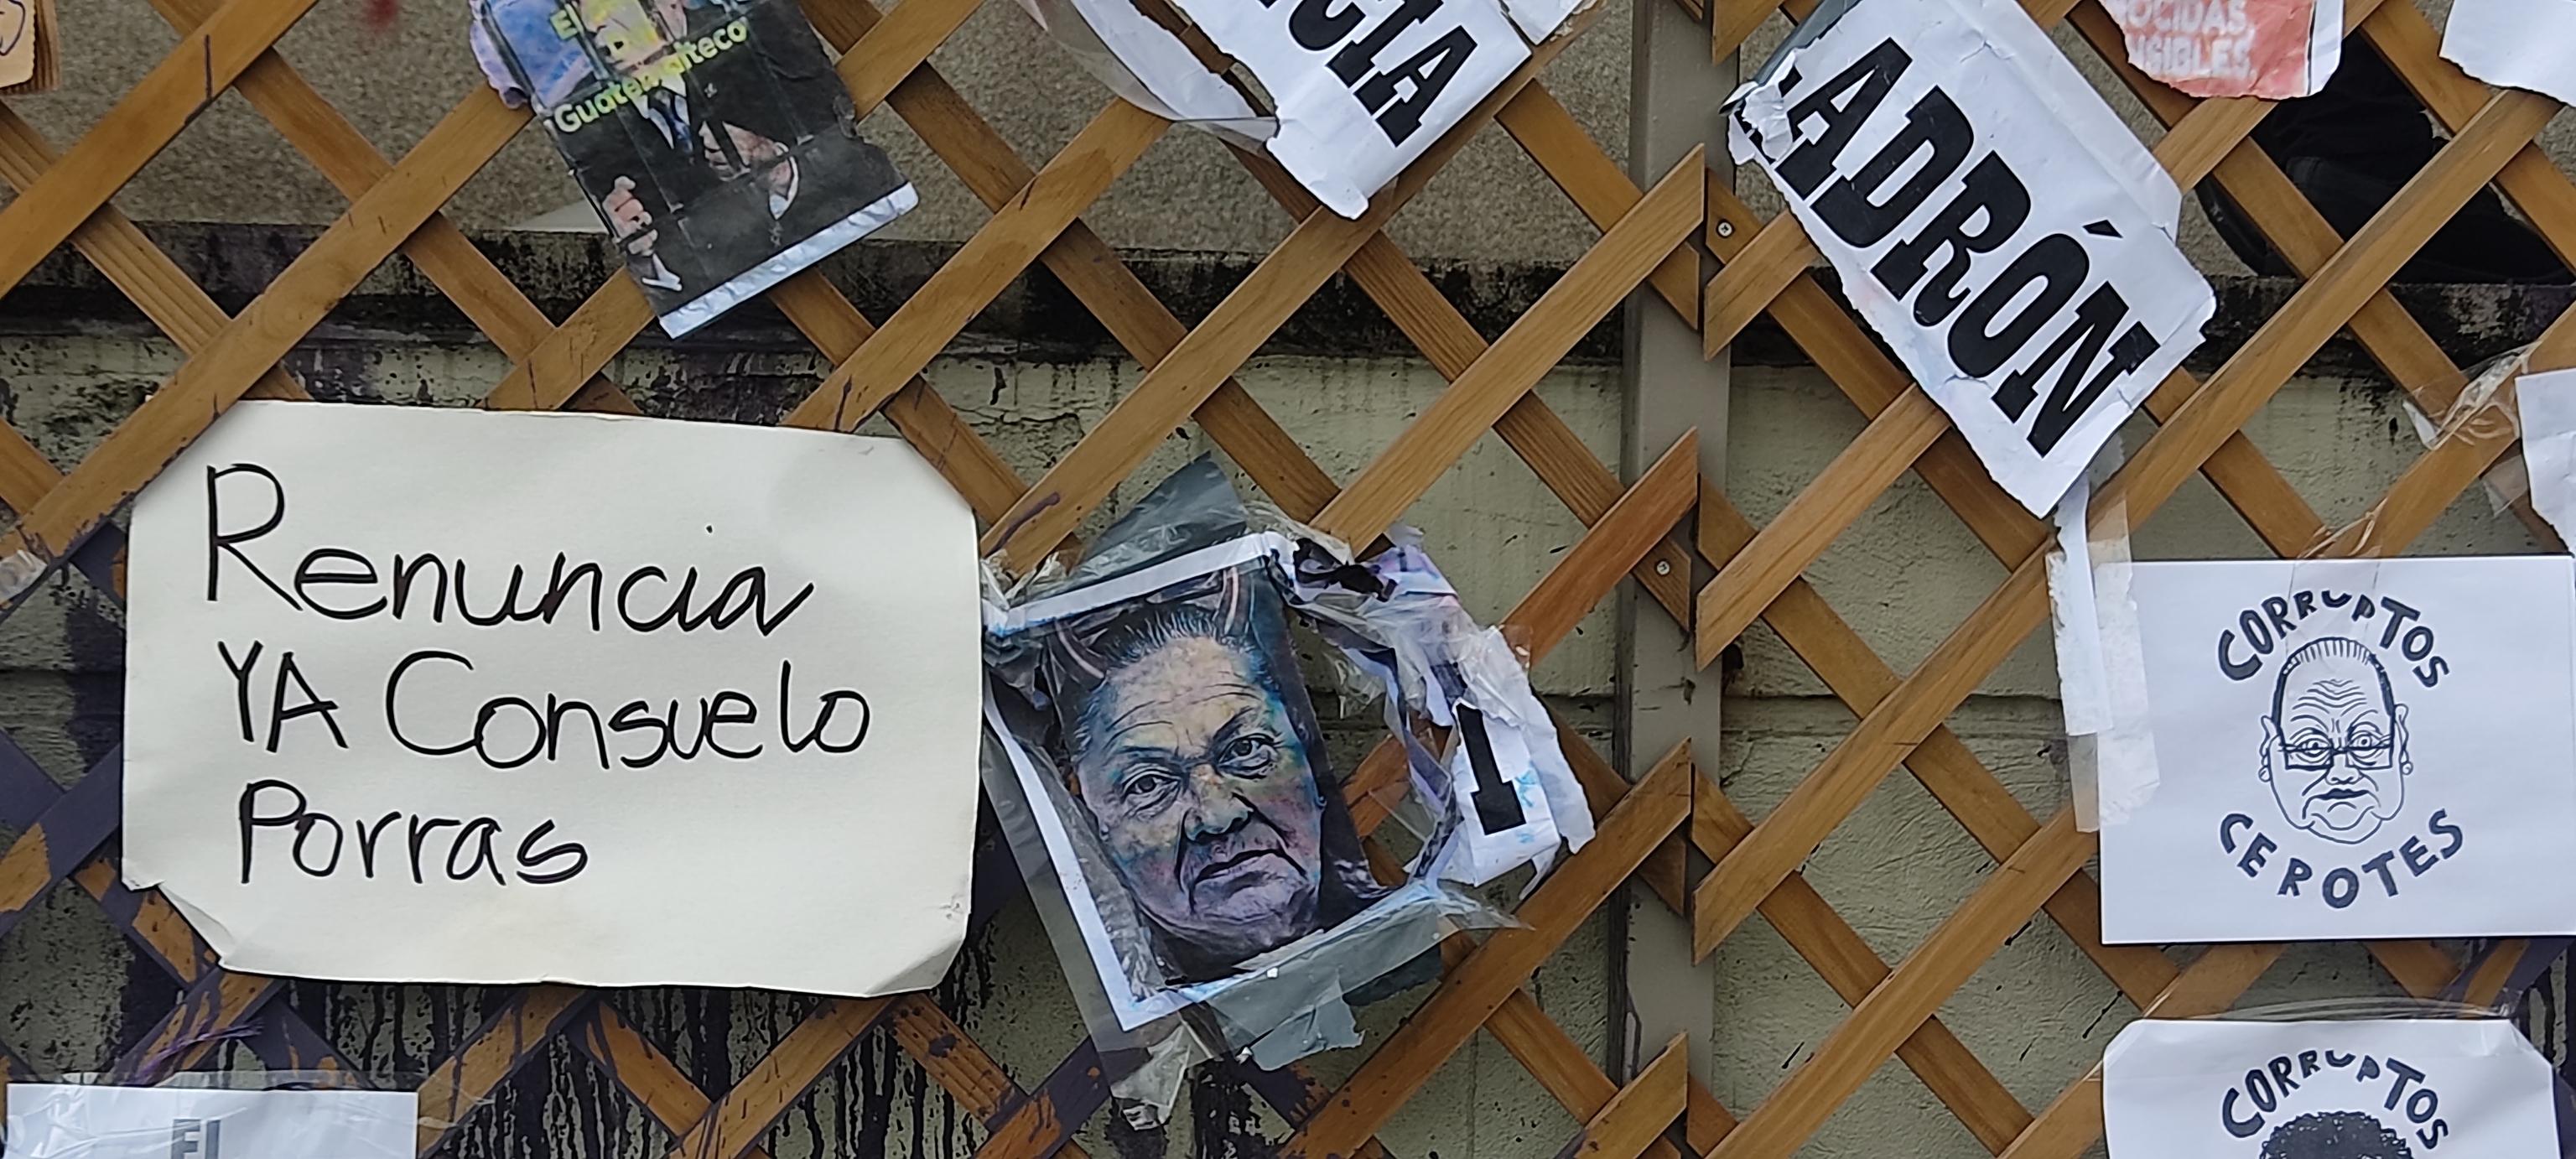 Manifestaciones en Guatemala para pedir la reunicia del presidente de Guatemala, Alejandro Giammattei, y de la fiscal general, Consuelo Porras, por supuestos actos de corrpción y el manejo de la pandemia de coronavirus.